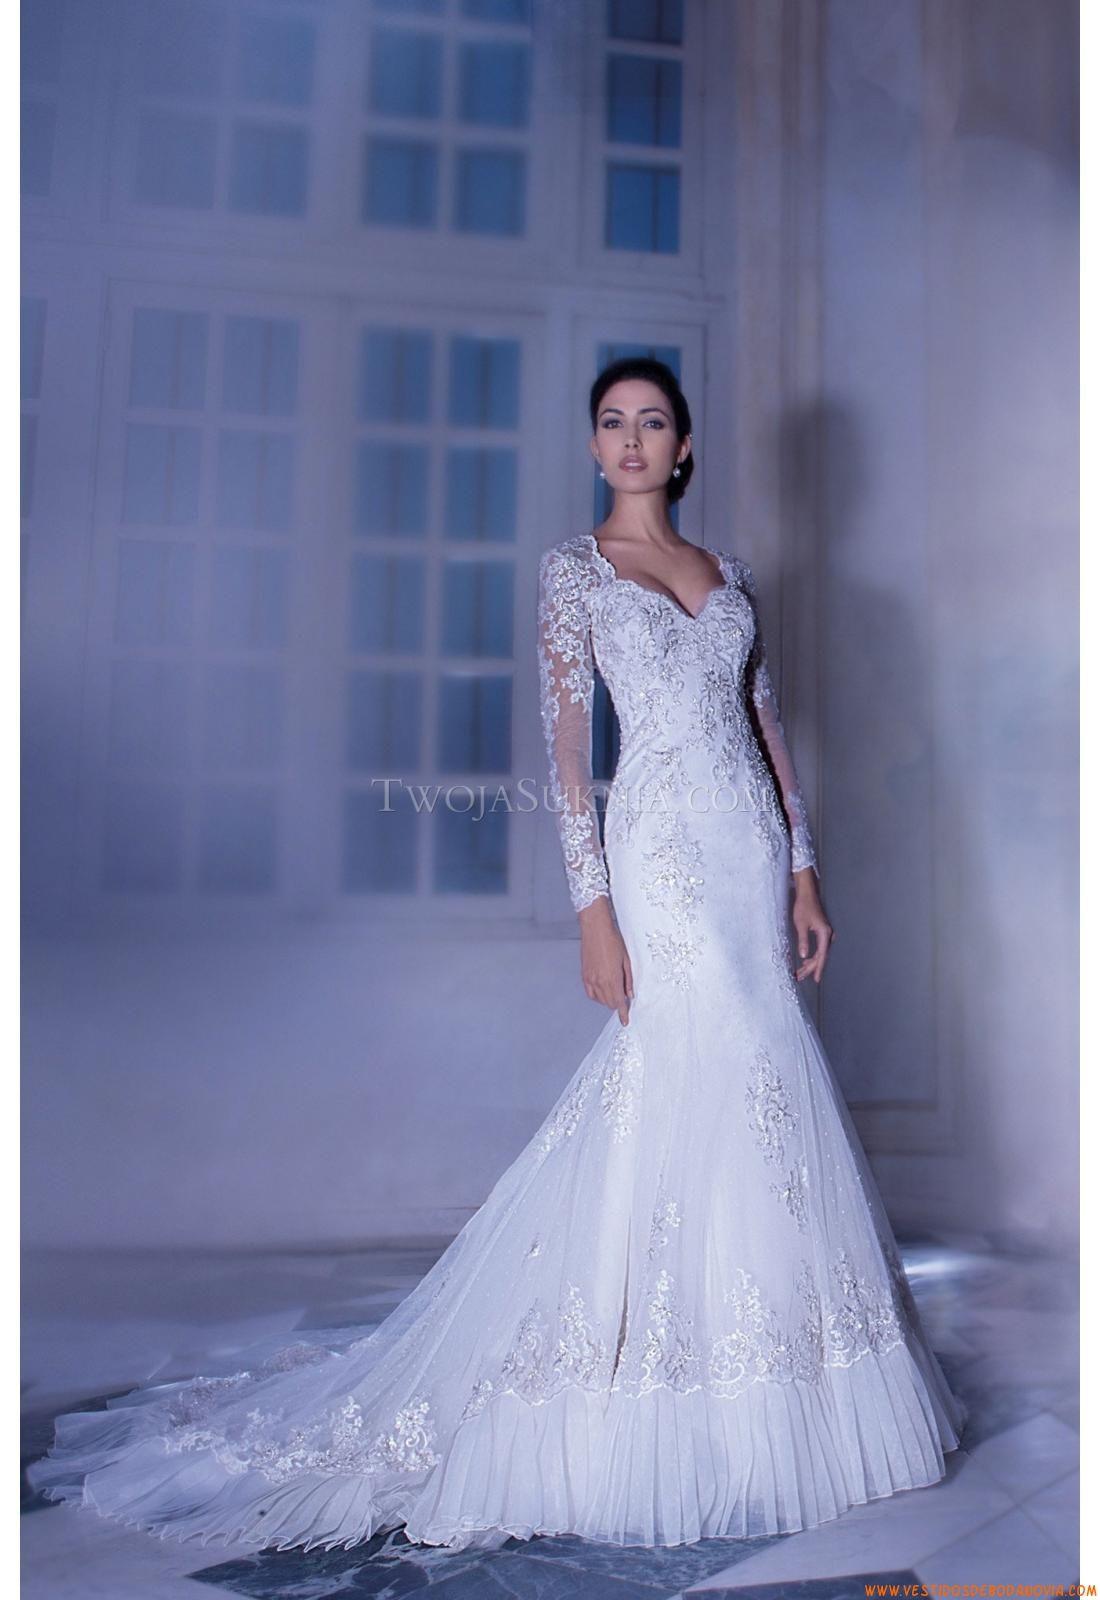 Vestido de novia Demetrios 4323 Sposabella | vestidos de novia ...